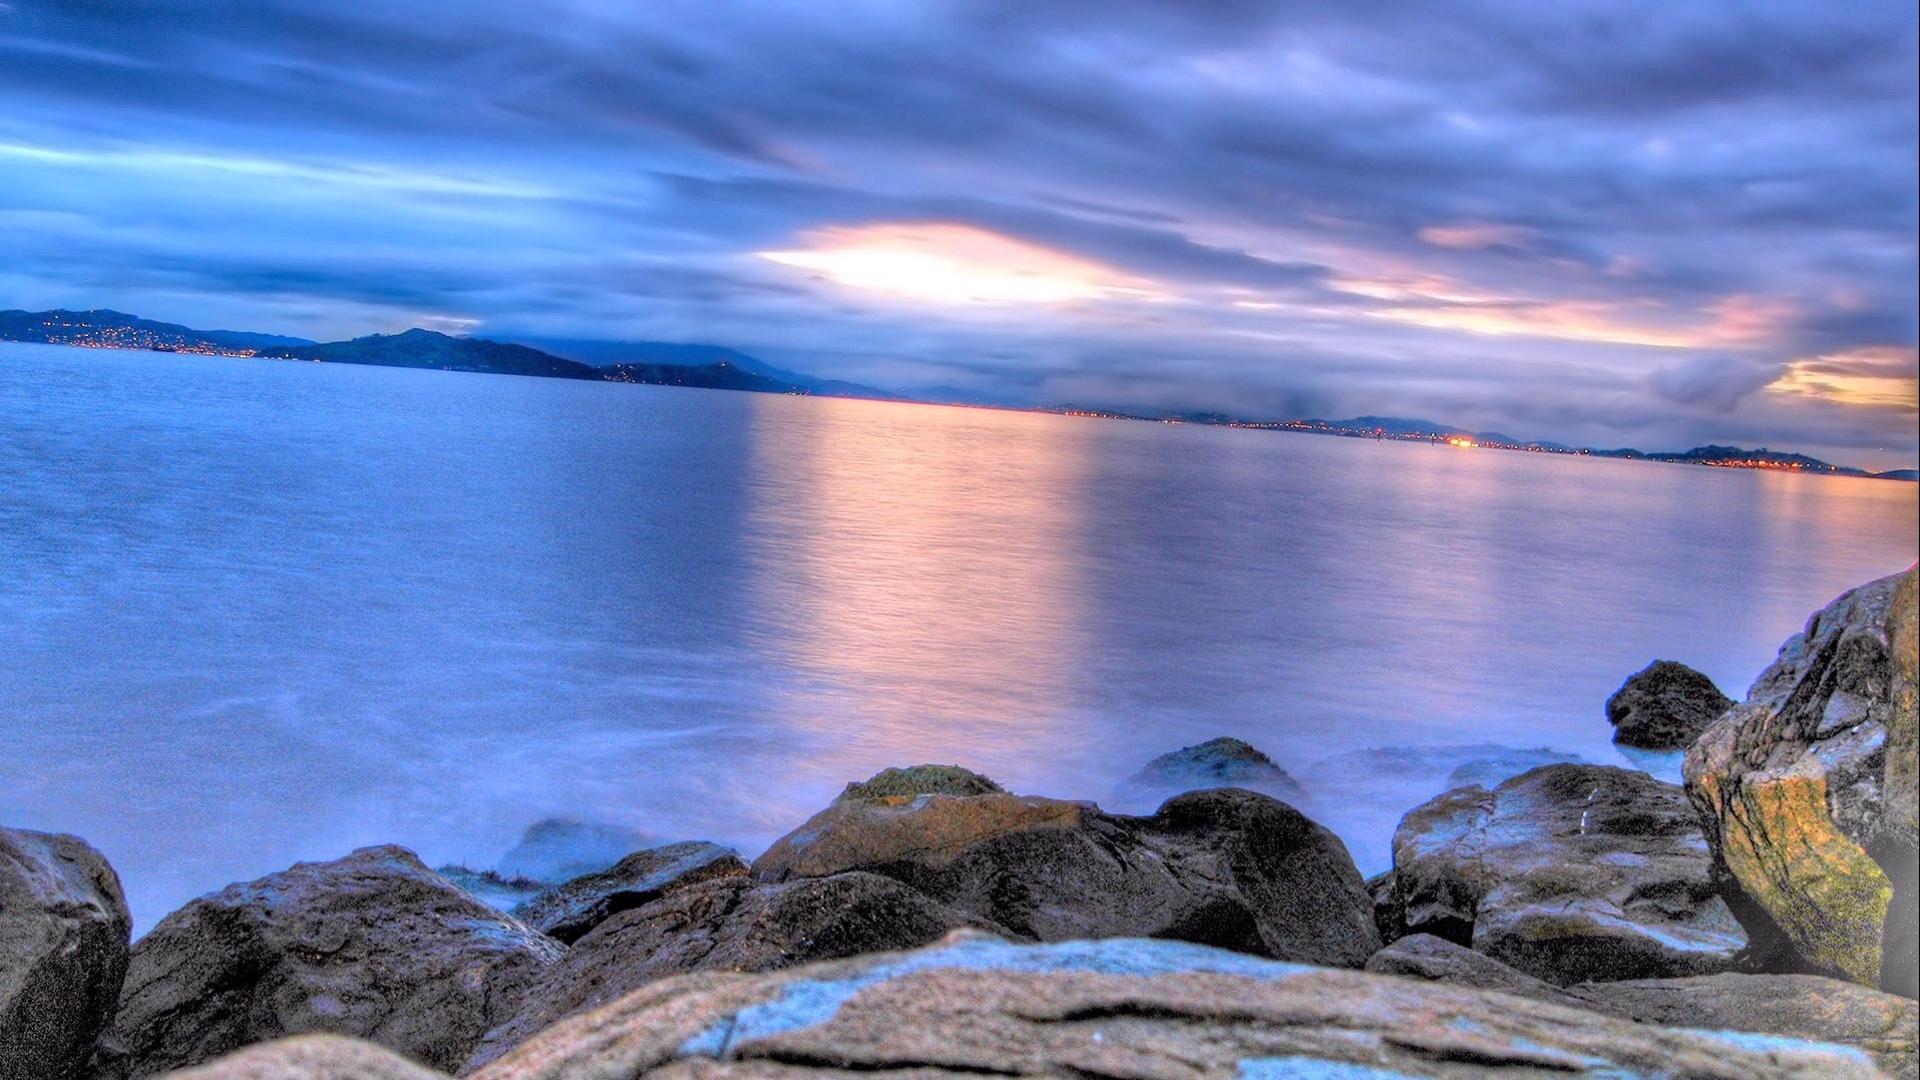 free ocean landscape wallpaper 32303